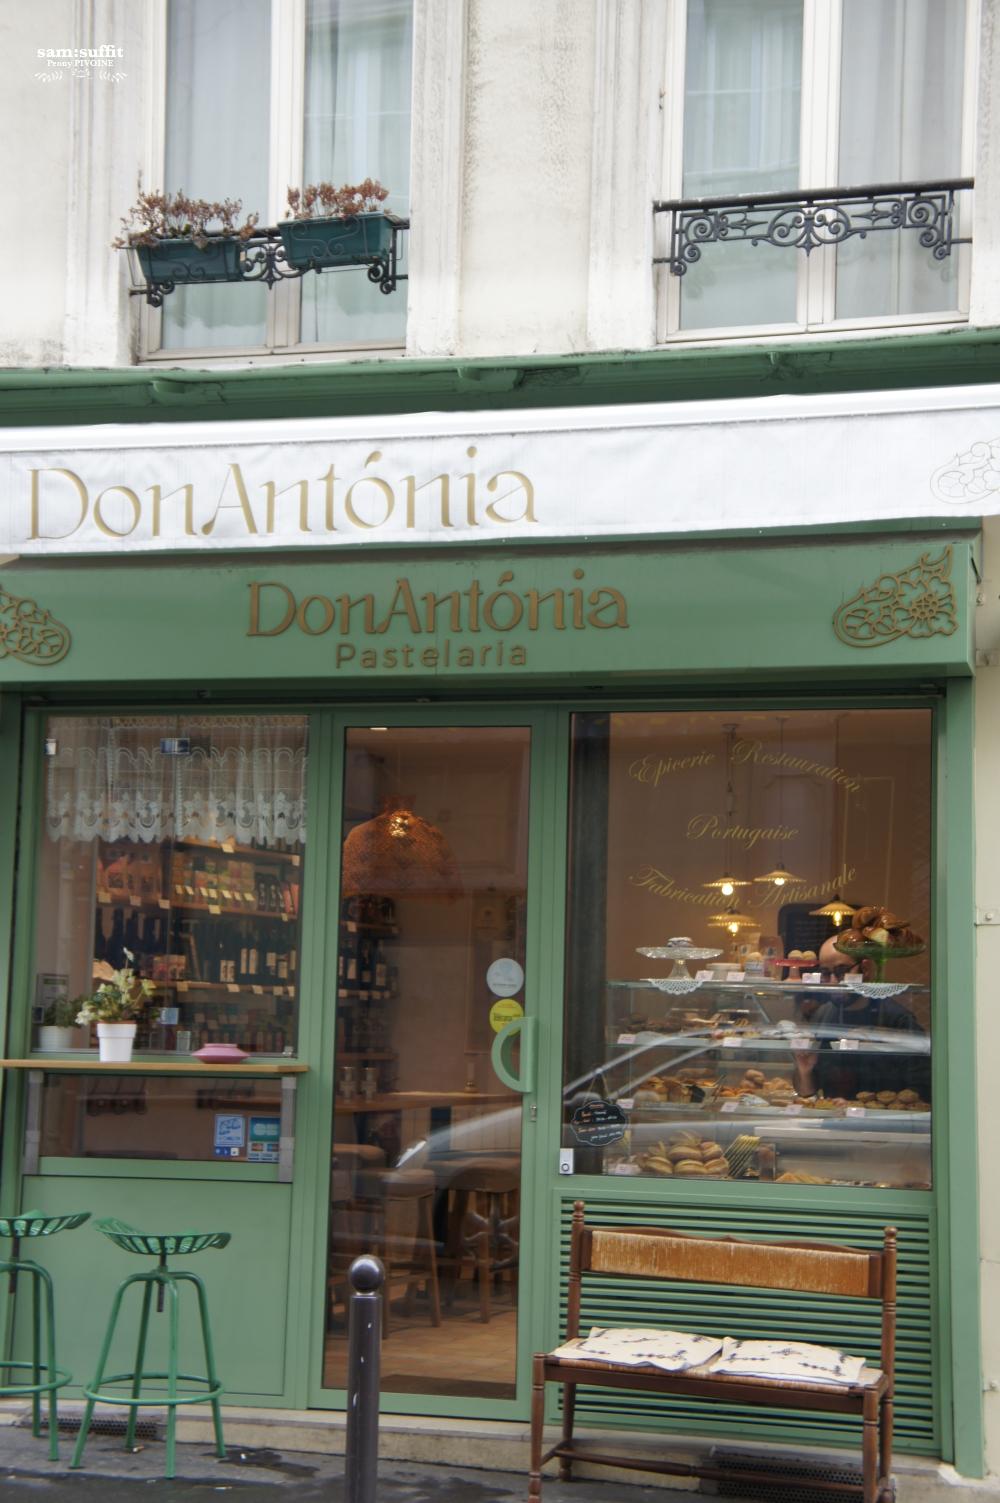 思いがけずポルトガル料理の可愛いお店を見つける